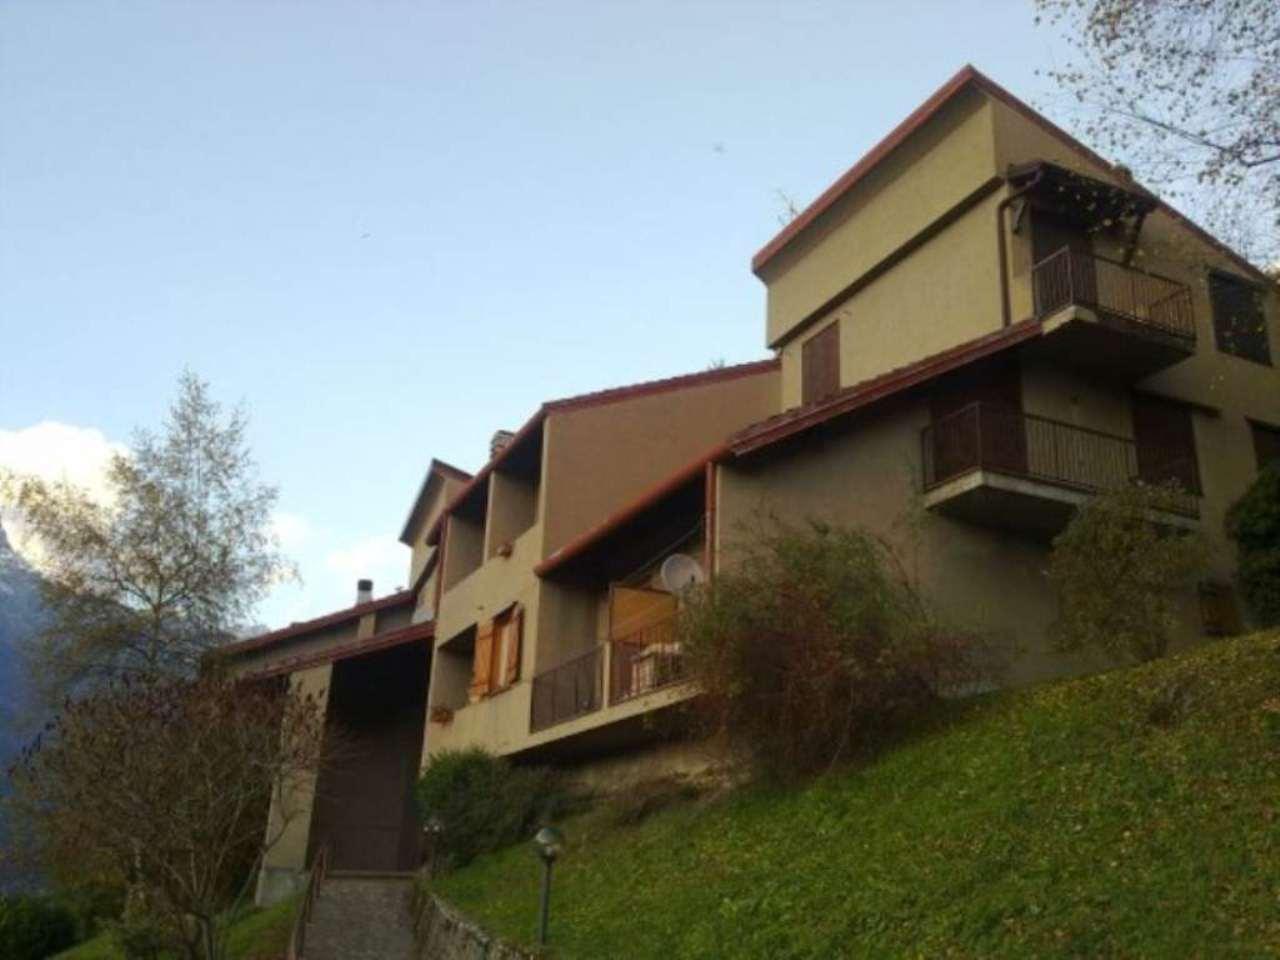 Appartamento in vendita a Gandellino, 4 locali, prezzo € 35.000 | CambioCasa.it